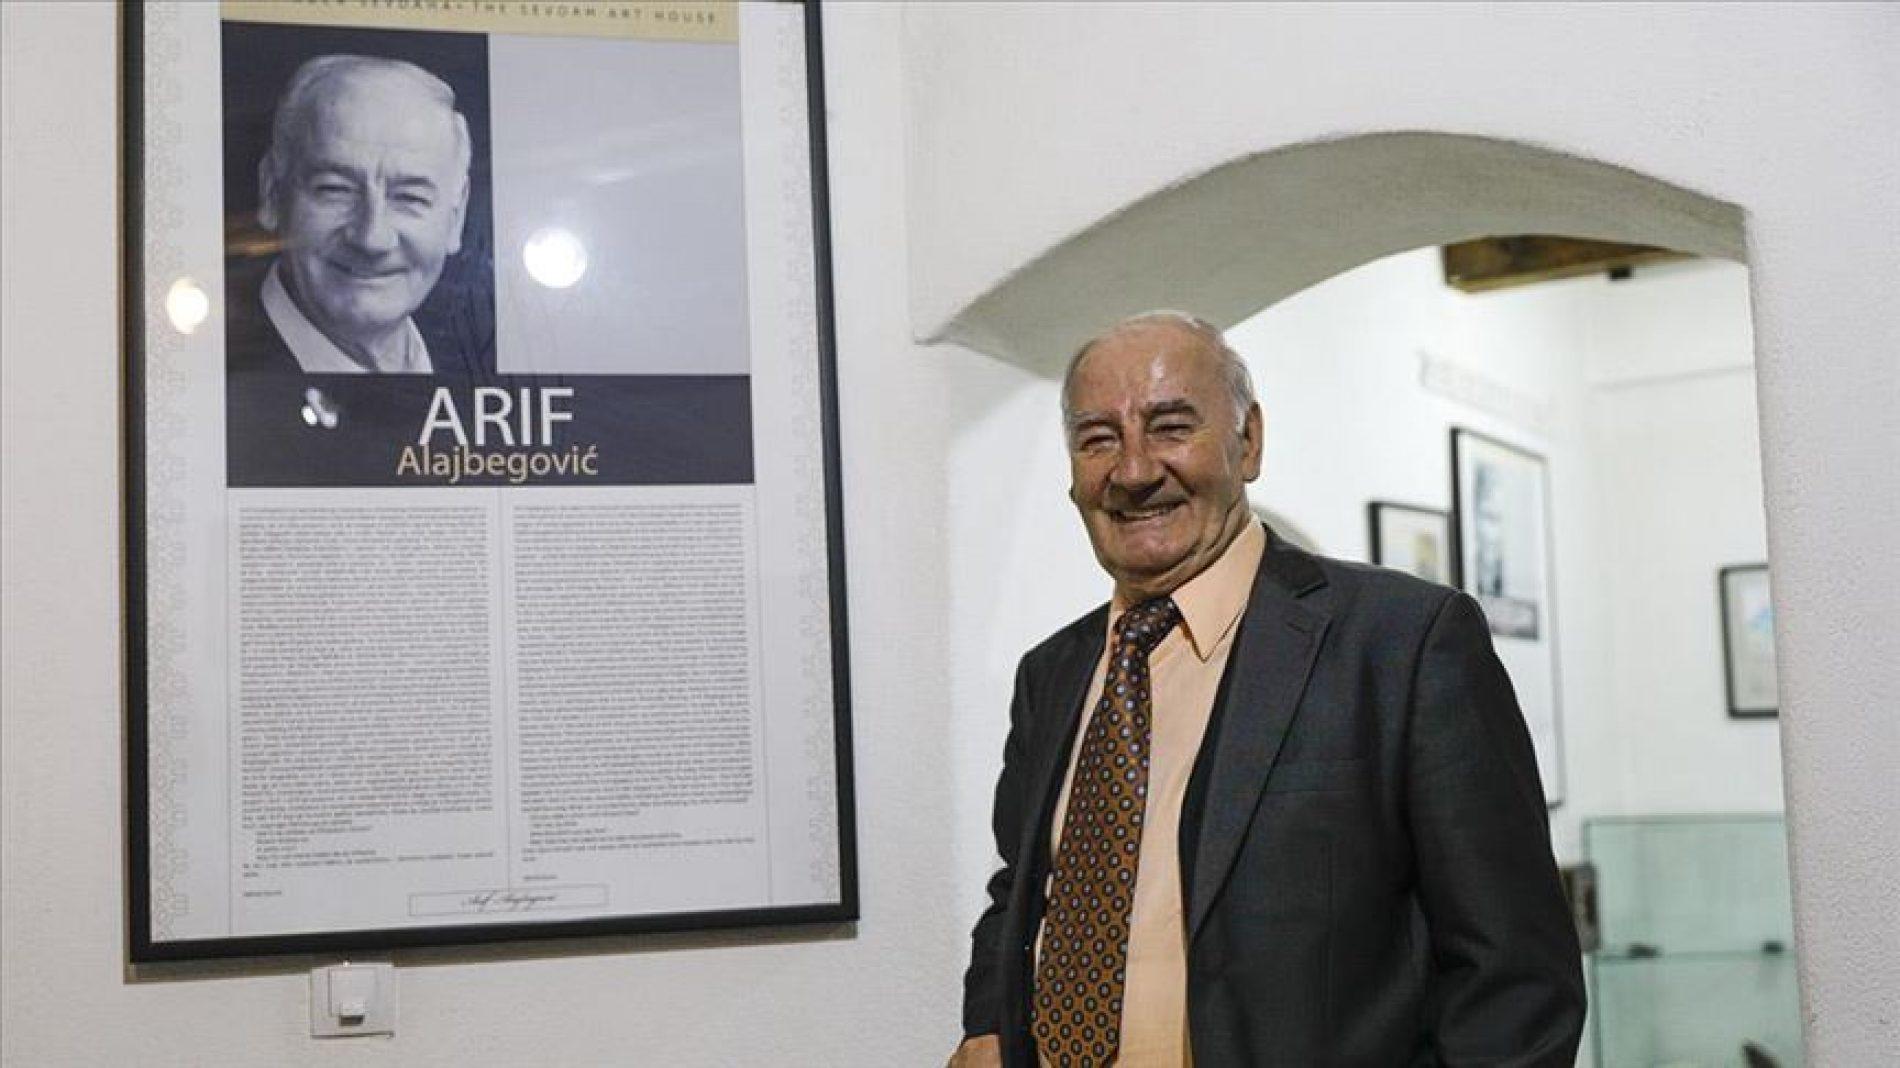 Velikan sevdaha Arif Alajbegović: Od sevdalinke nema ničeg ljepšeg na svijetu